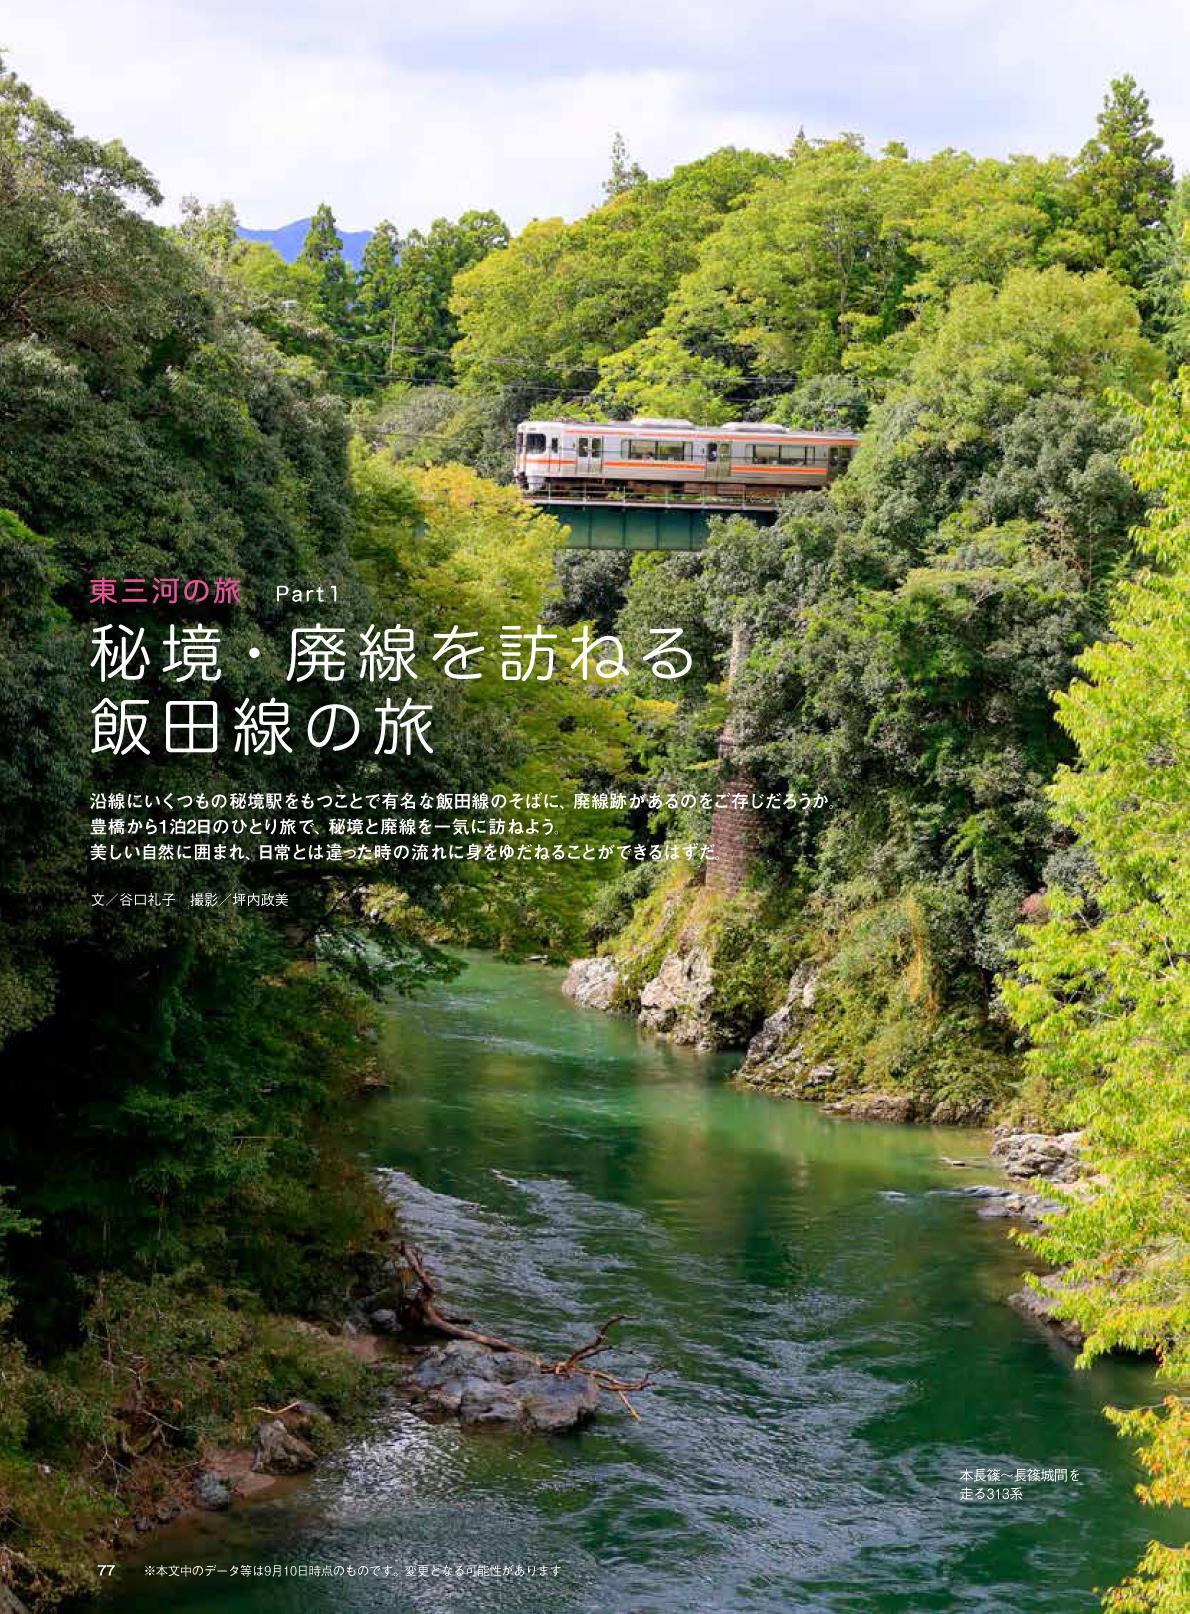 豊橋発で東三河エリアを楽しむ飯田線の旅へ